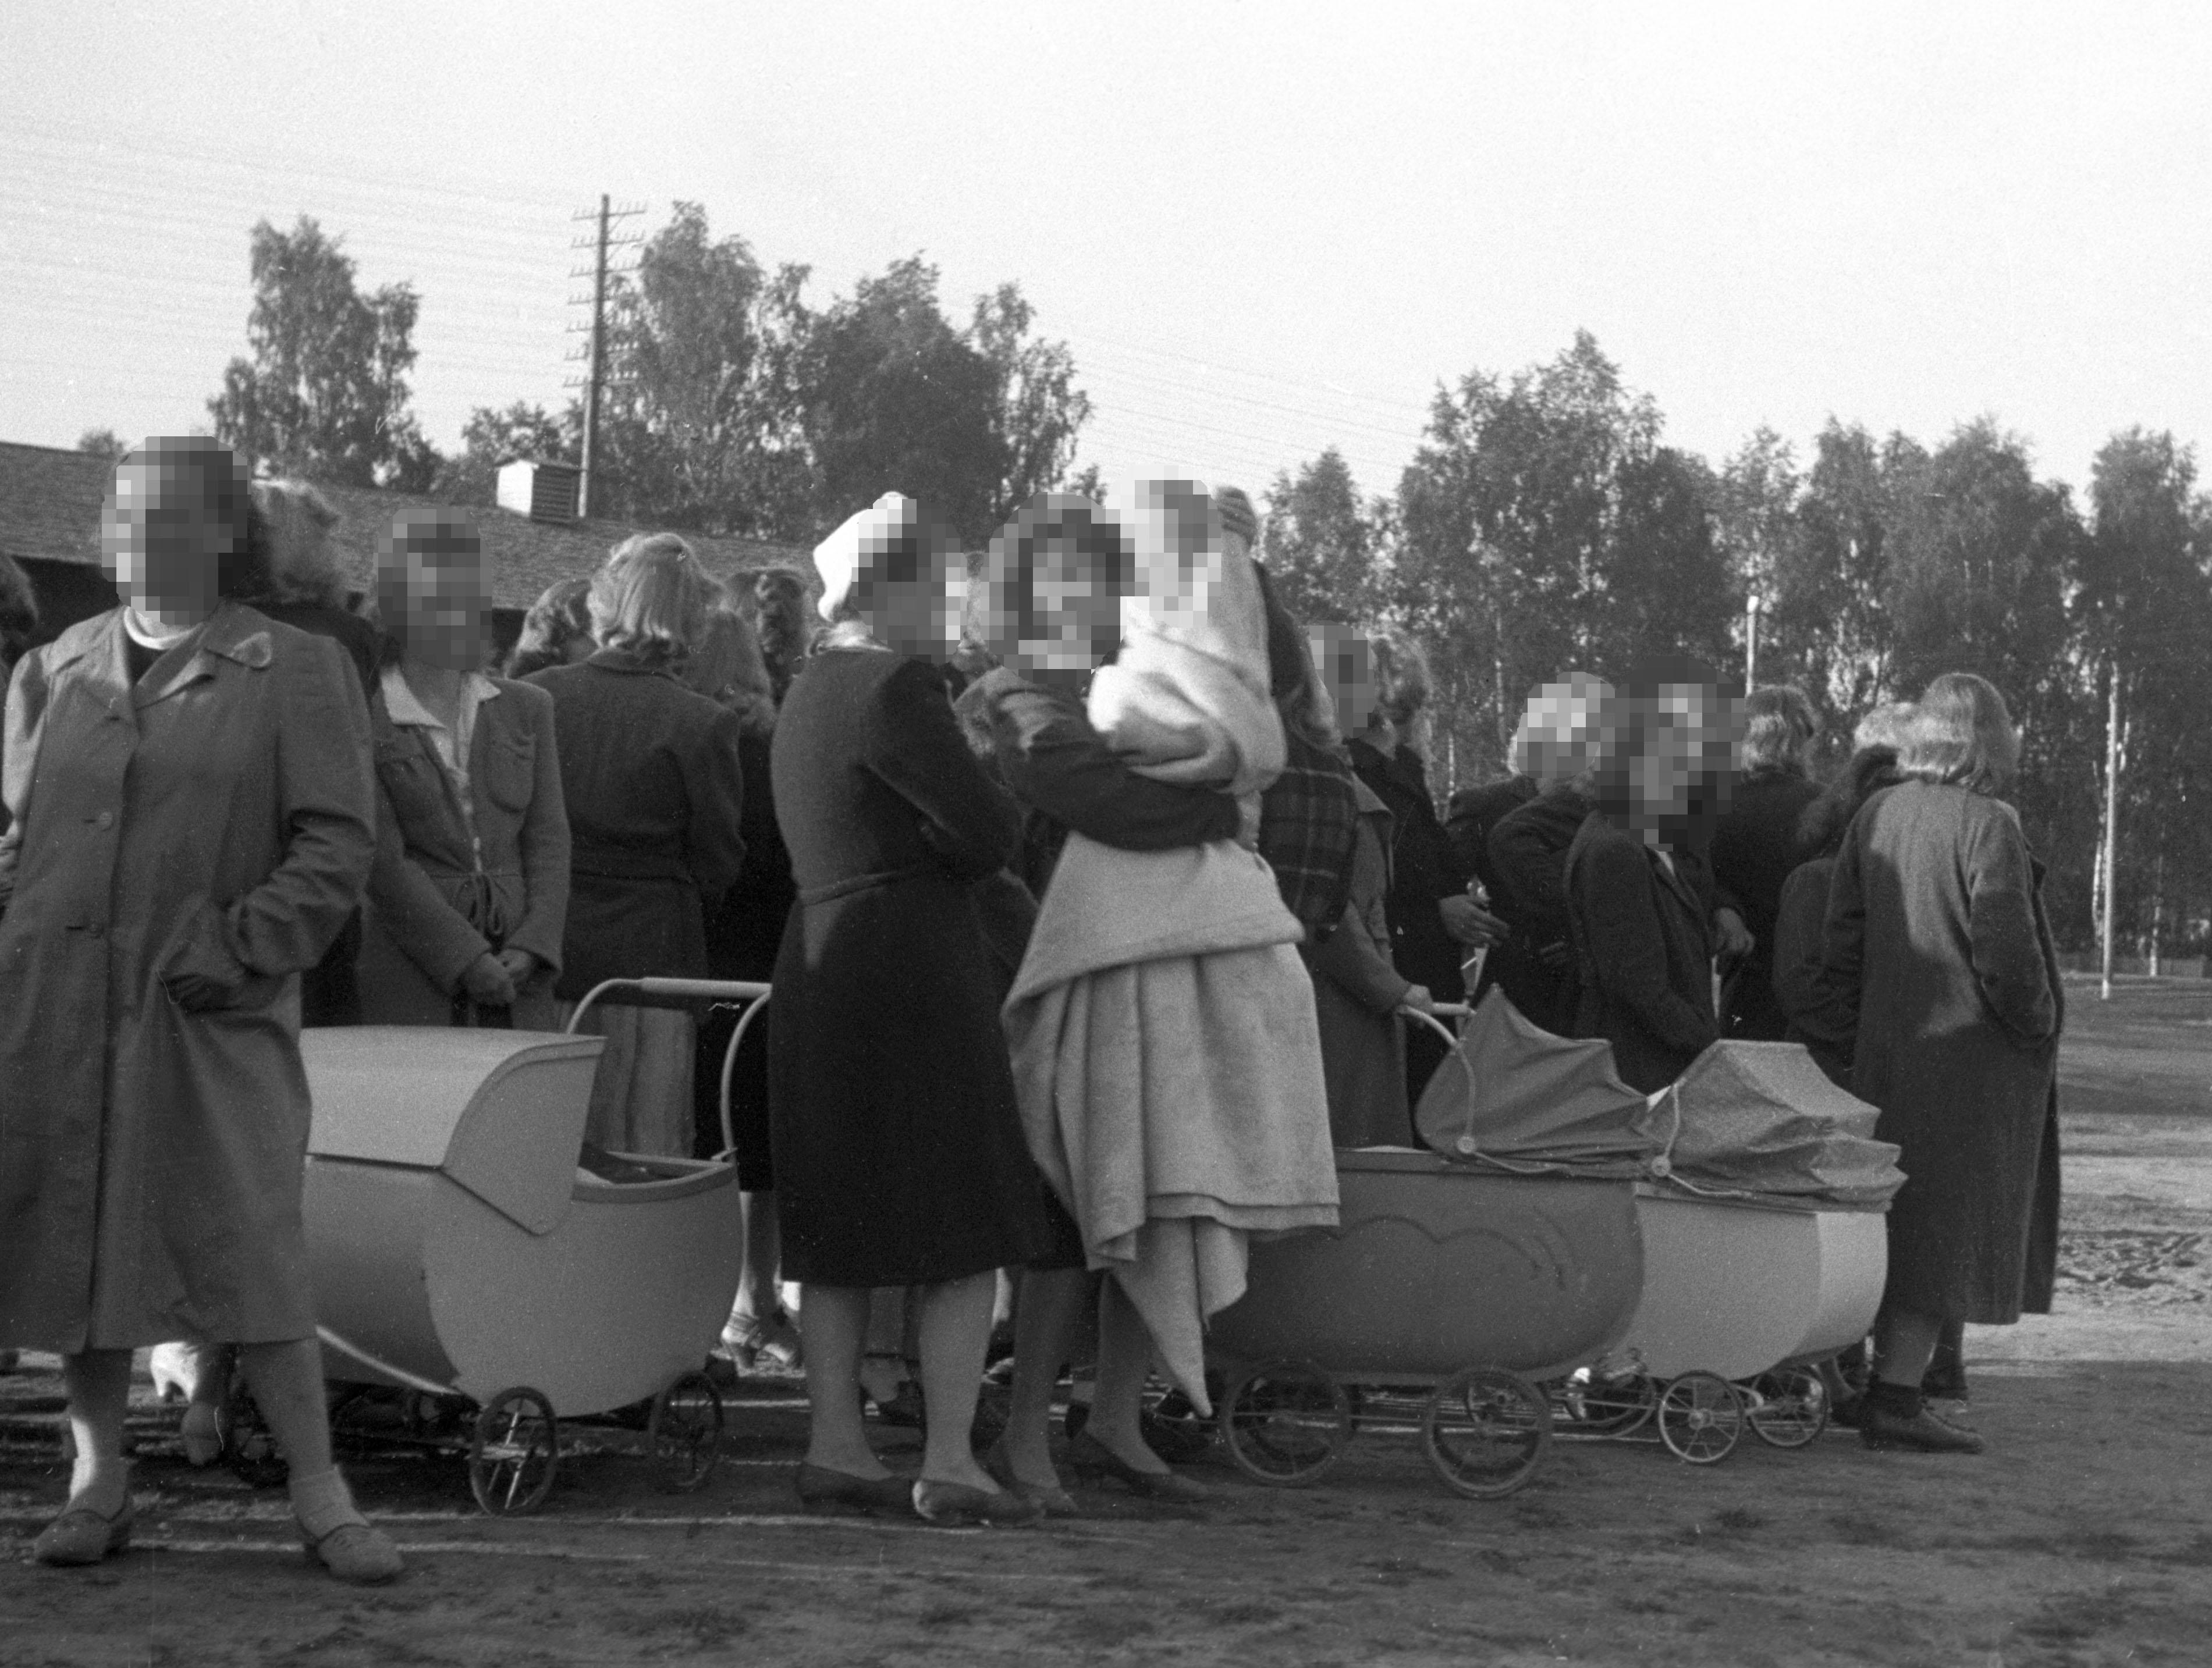 Noruega pede perdão às mulheres que sofreram represálias por se envolverem com soldados nazis